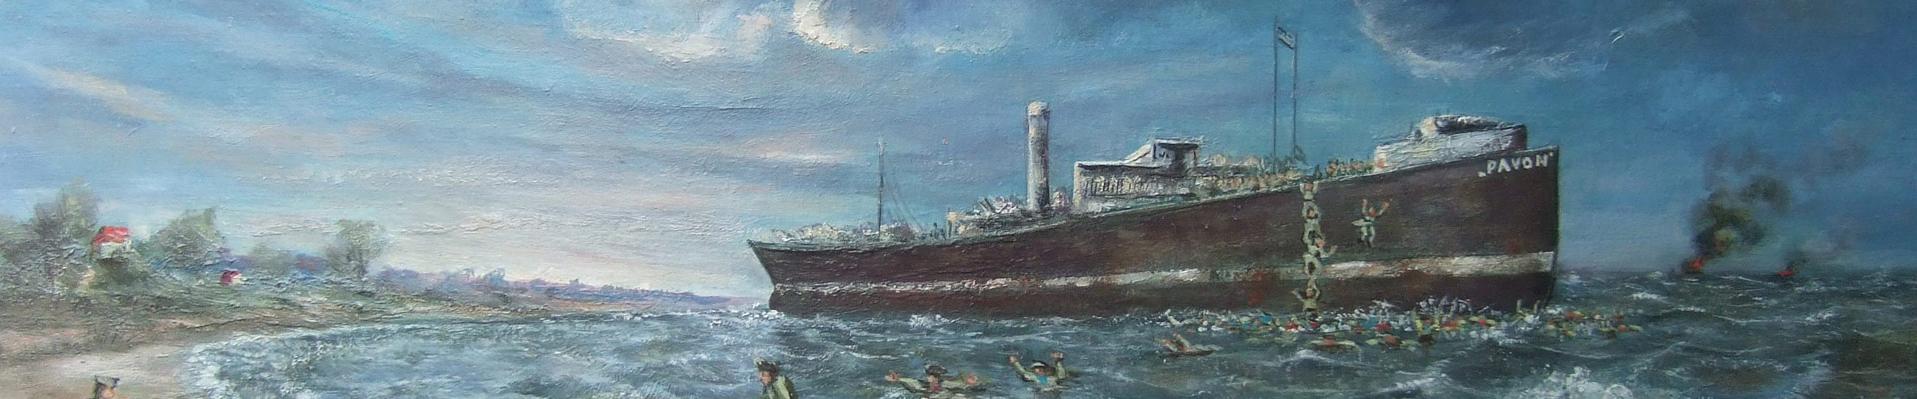 pavon-1920